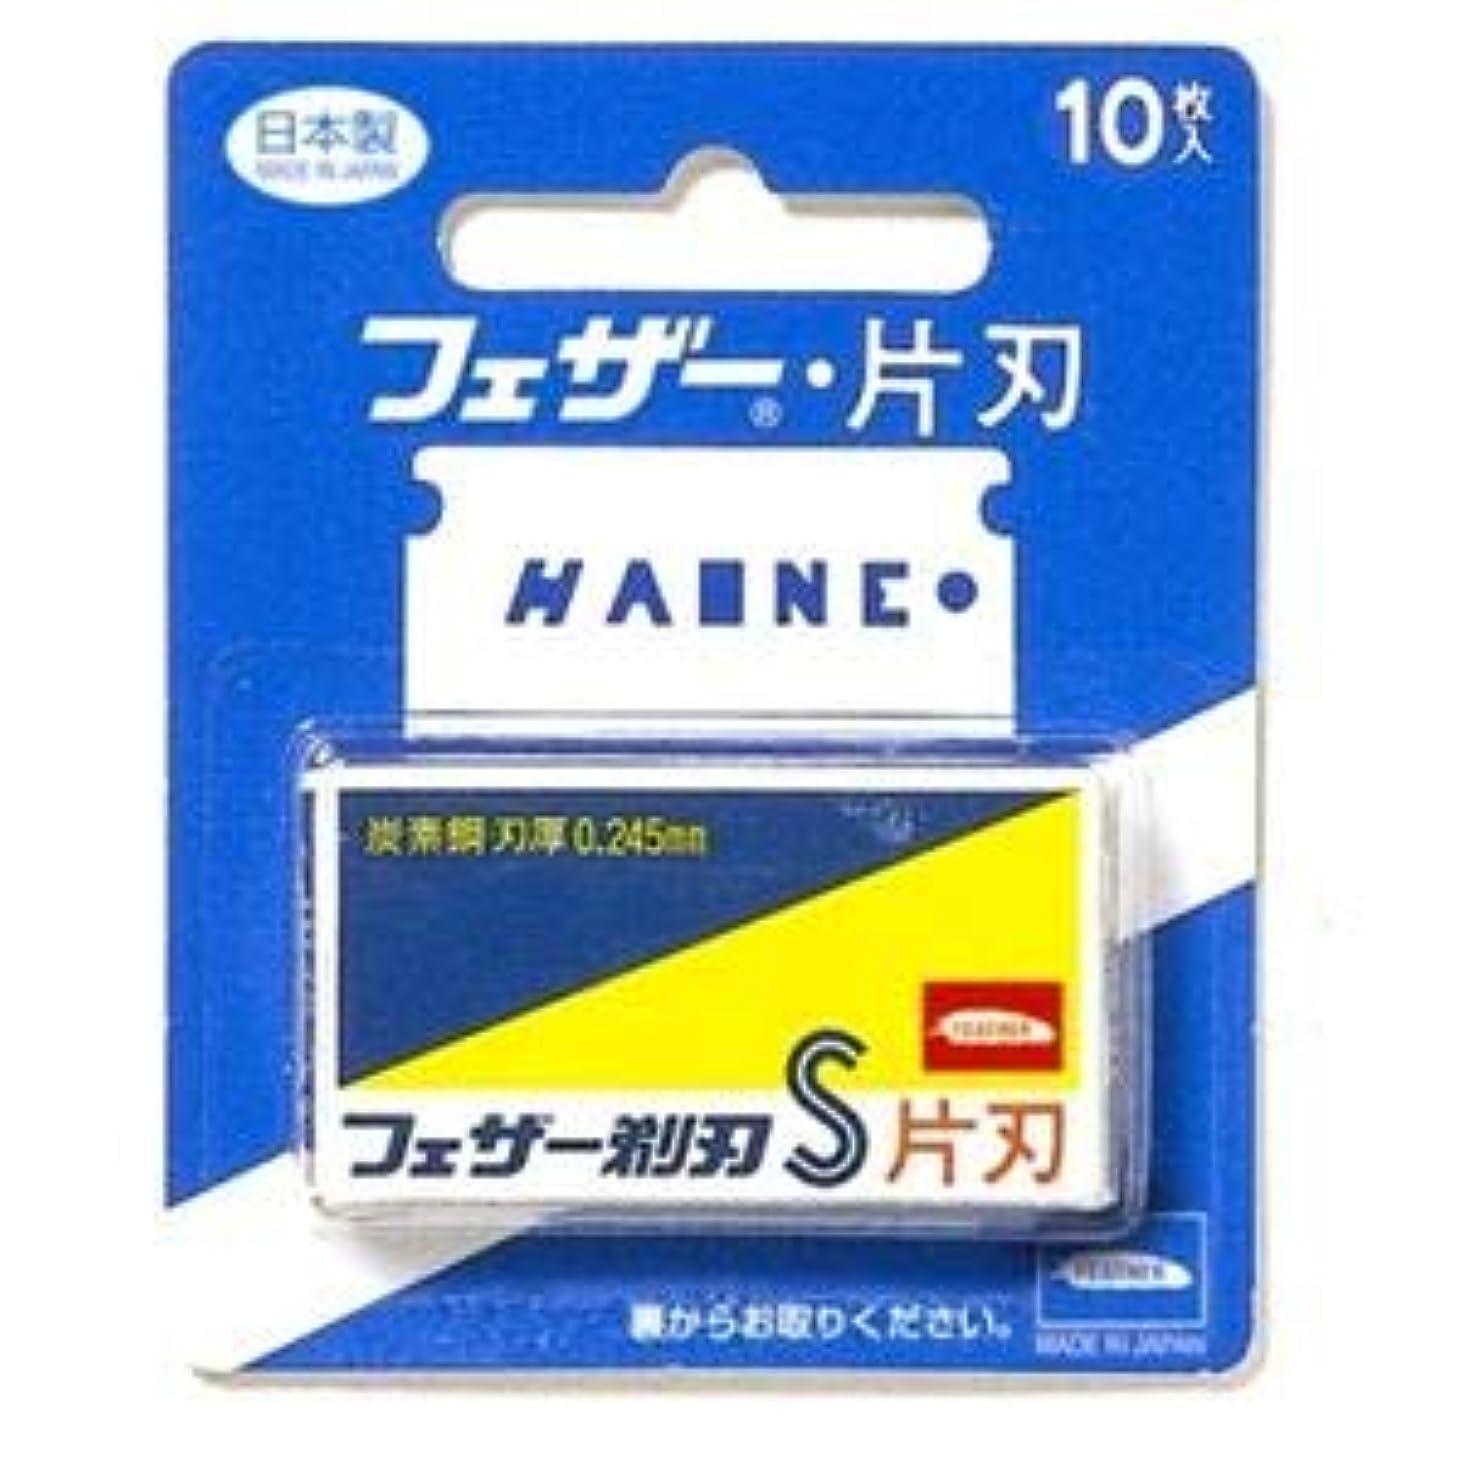 歩く選択例外(まとめ)フェザー安全剃刃 青函片刃 10枚入 【×5点セット】